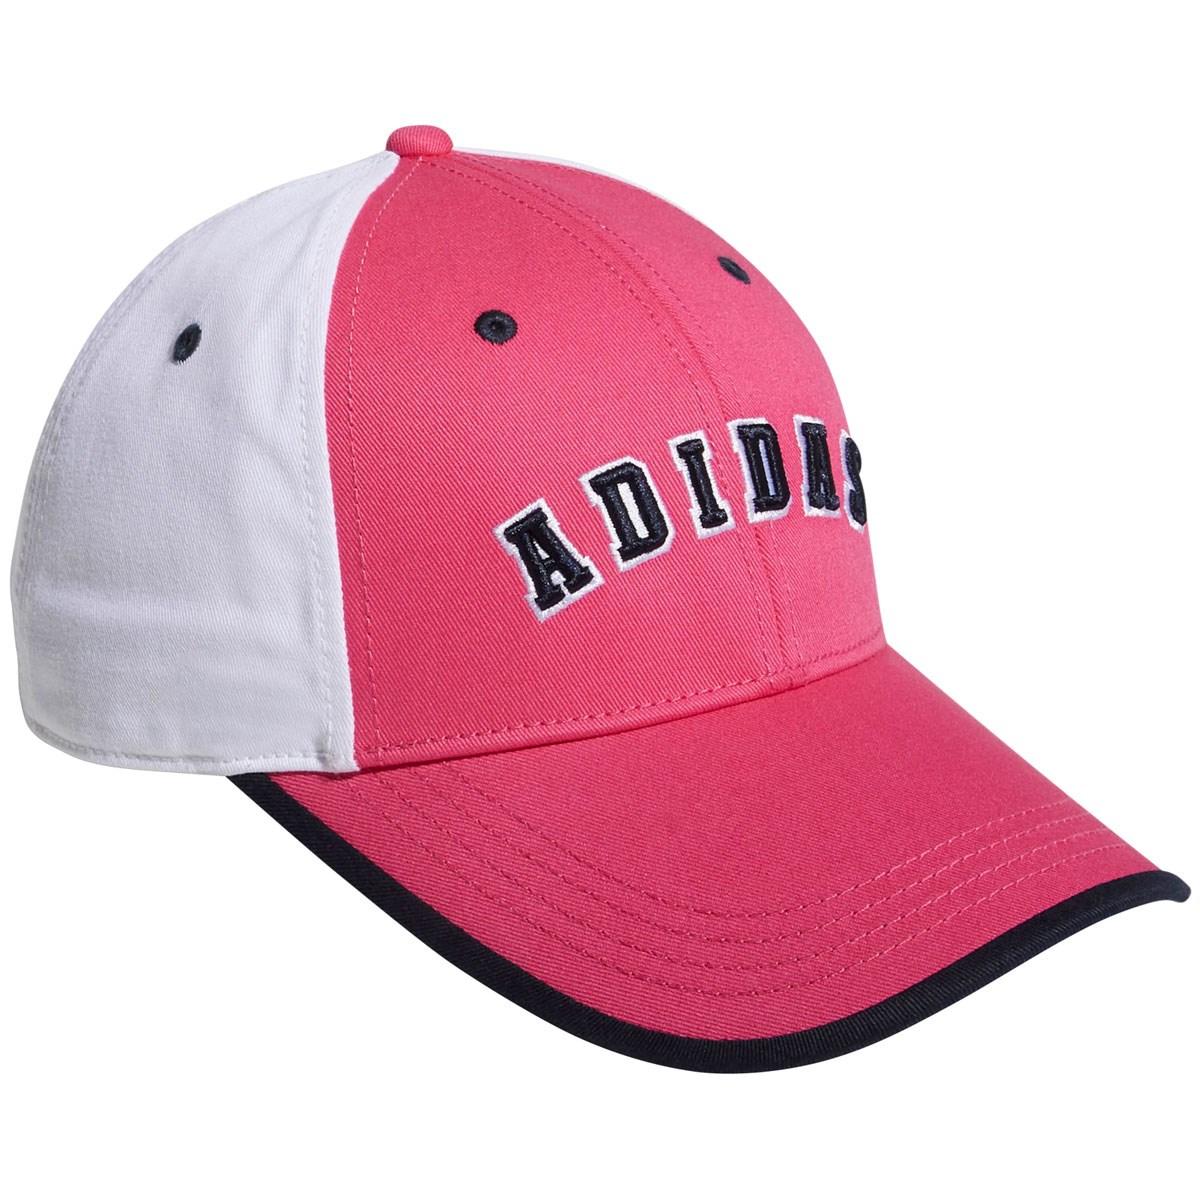 アディダス Adidas ADICROSS ツイルキャップ フリー ピンク レディス